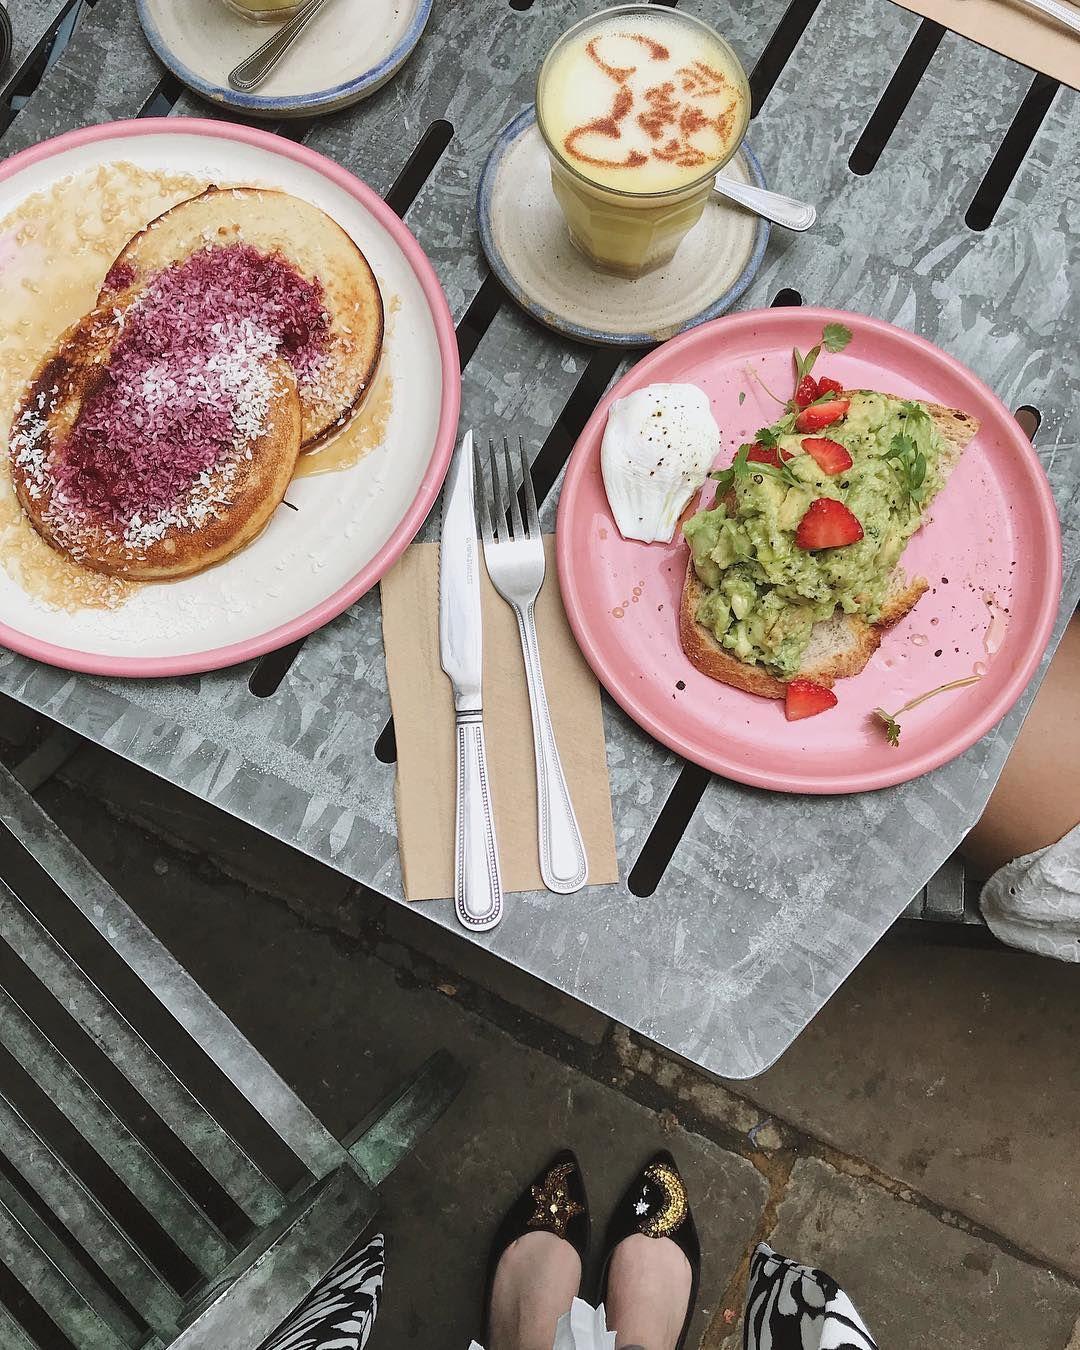 IG MonicaBialucci Farm Girl London Śniadanie, Kawiarnia